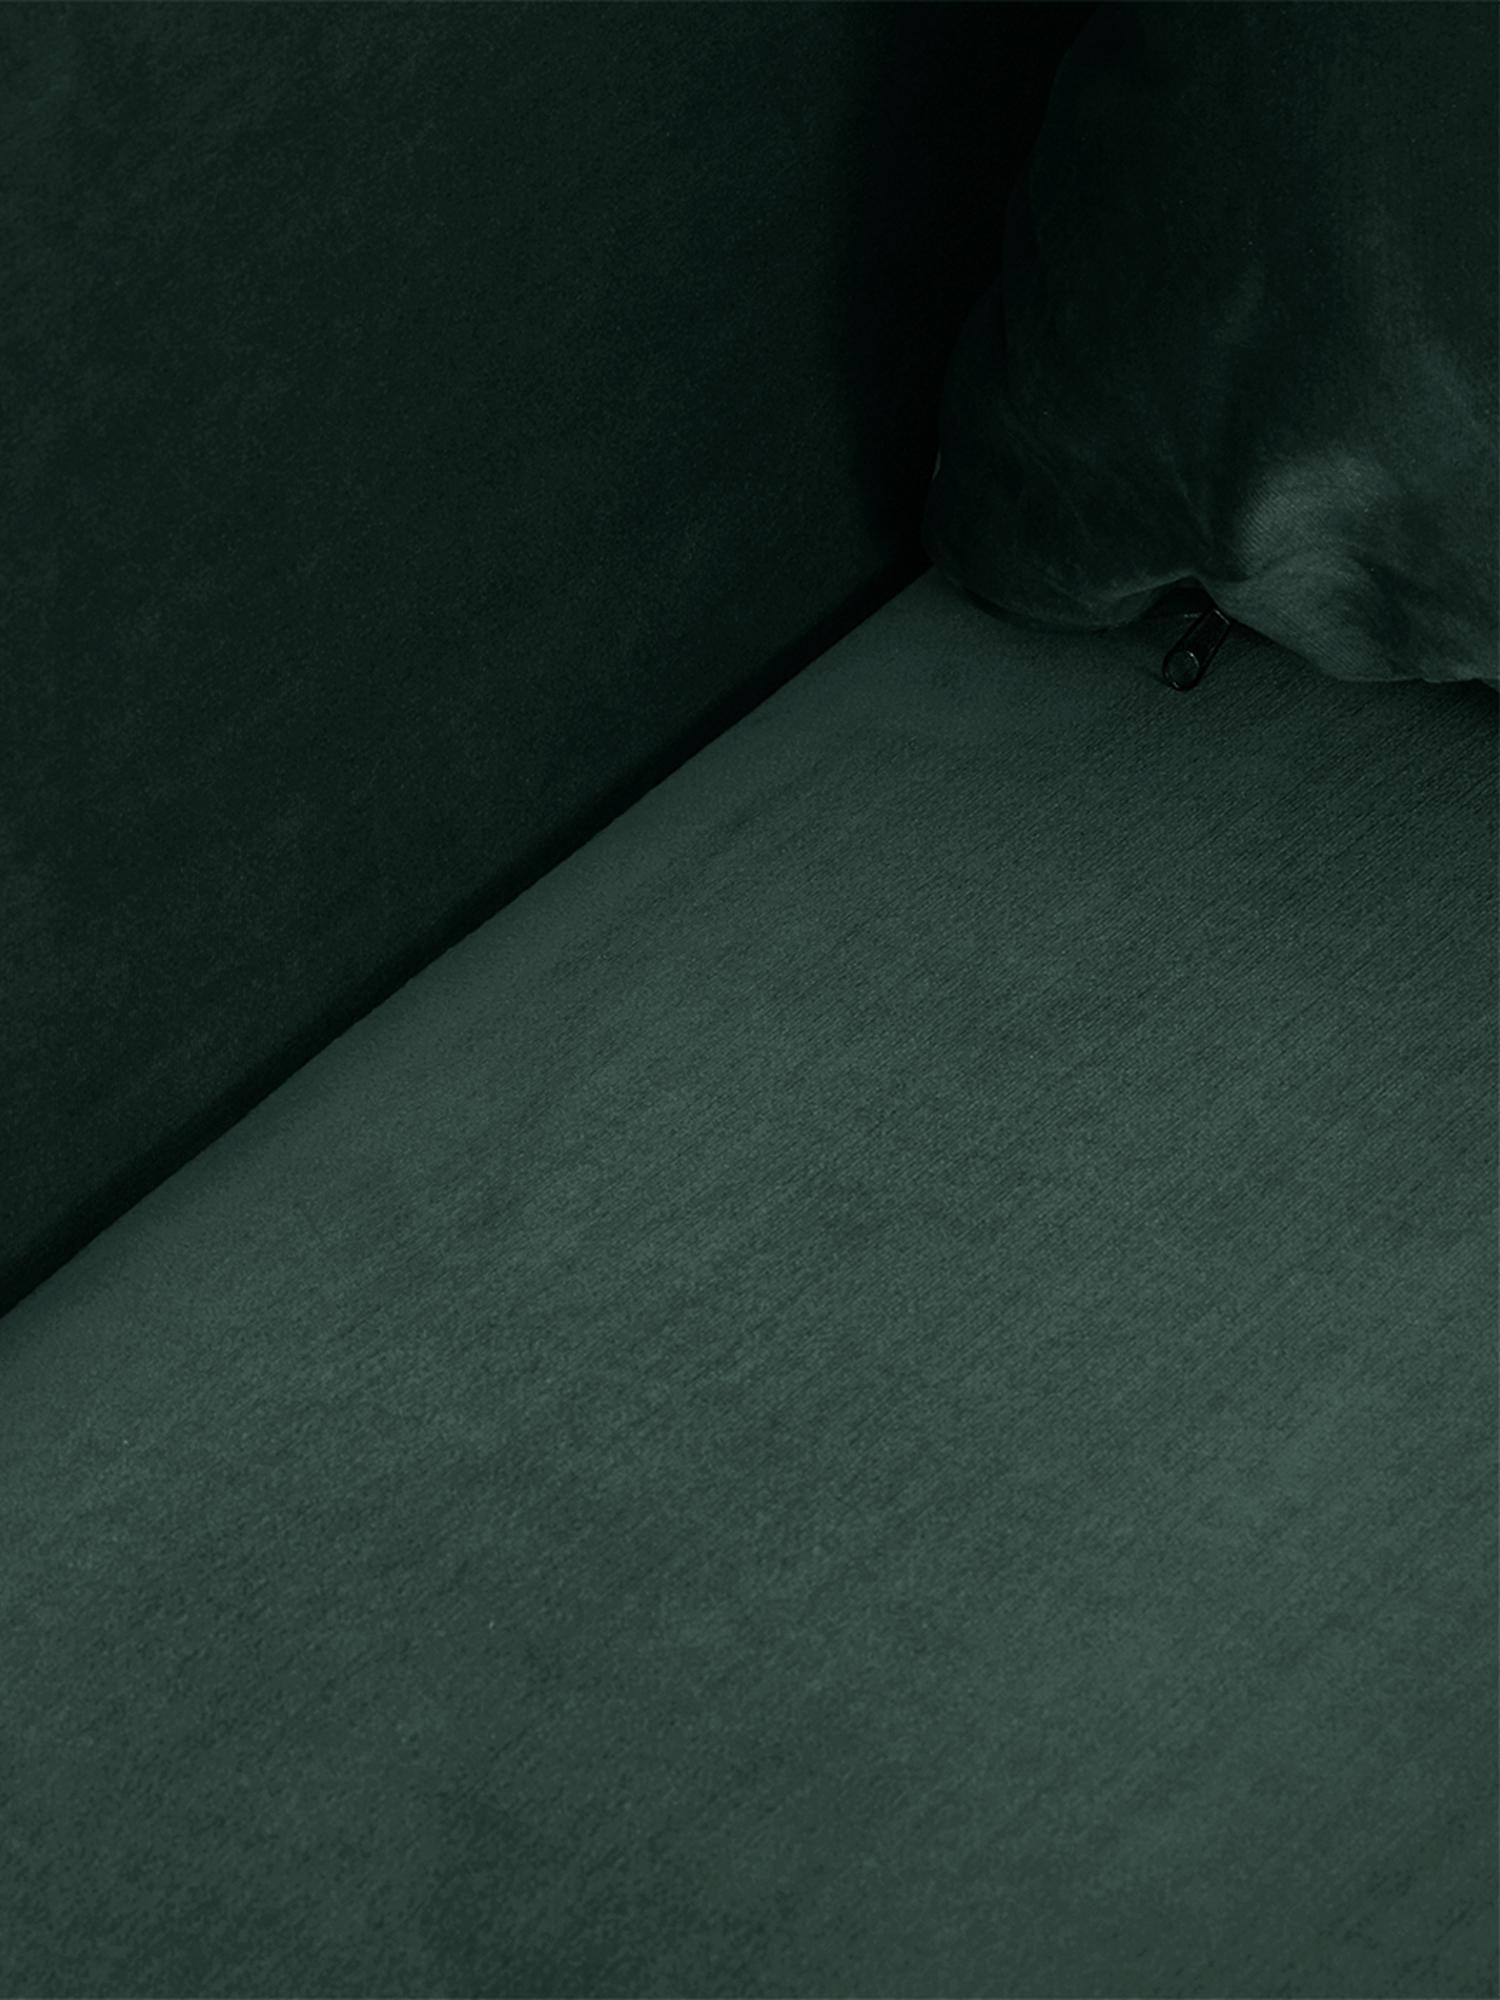 Divano letto 3 posti in velluto verde Lauren, Rivestimento: velluto (poliestere) 28.0, Struttura: legno di pino, Piedini: metallo verniciato, Velluto verde scuro, Larg. 206 x Alt. 87 cm